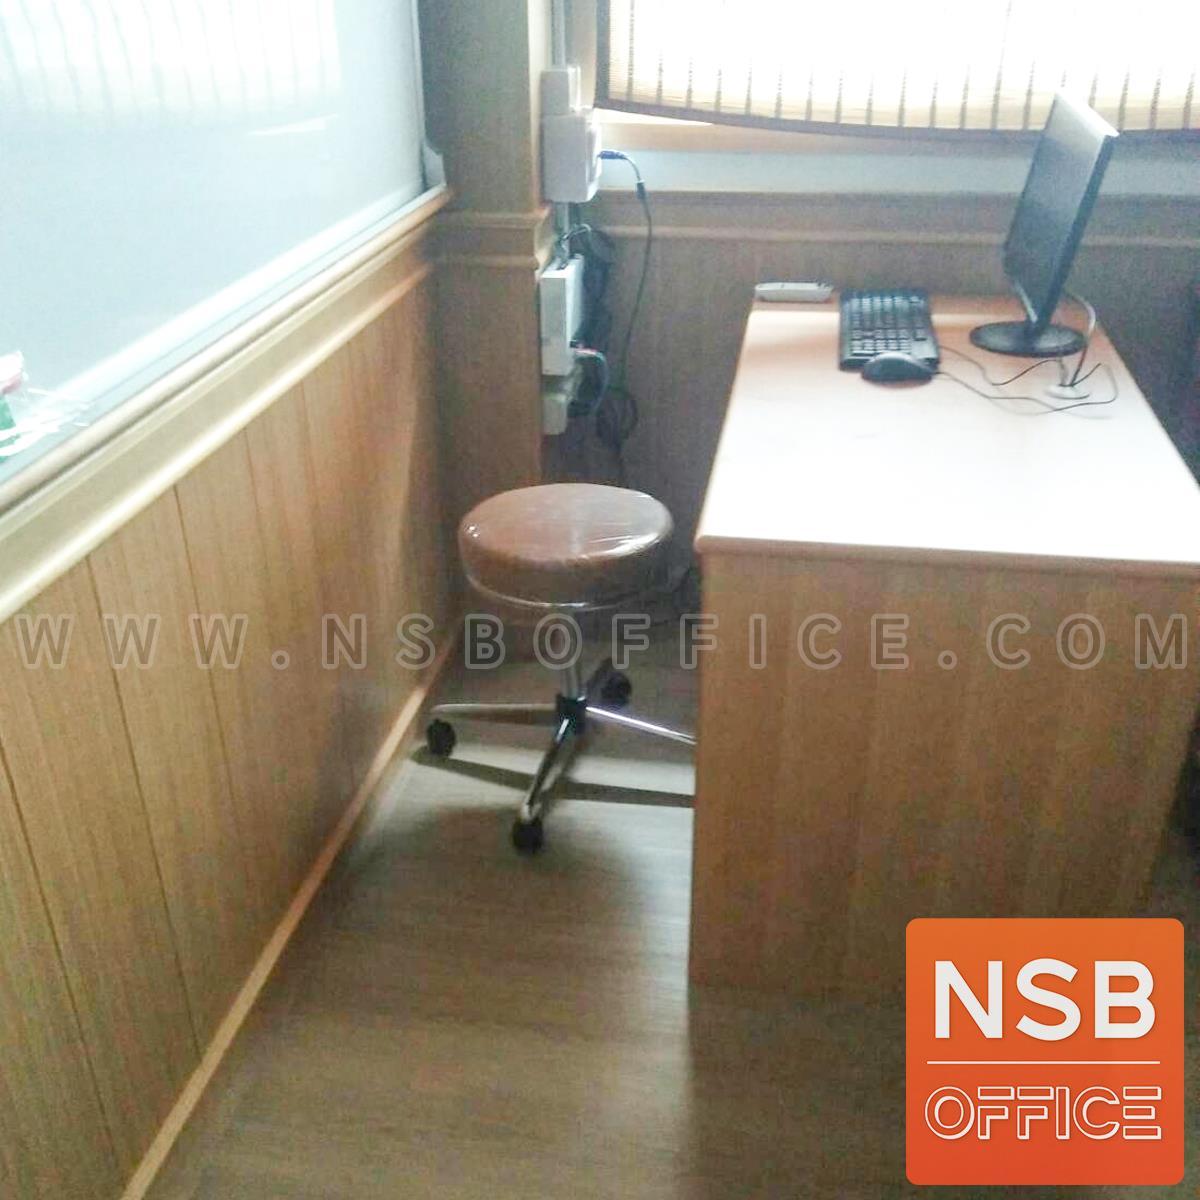 เก้าอี้บาร์สตูลที่นั่งกลมล้อเลื่อน รุ่น CS-023 ขาเหล็ก